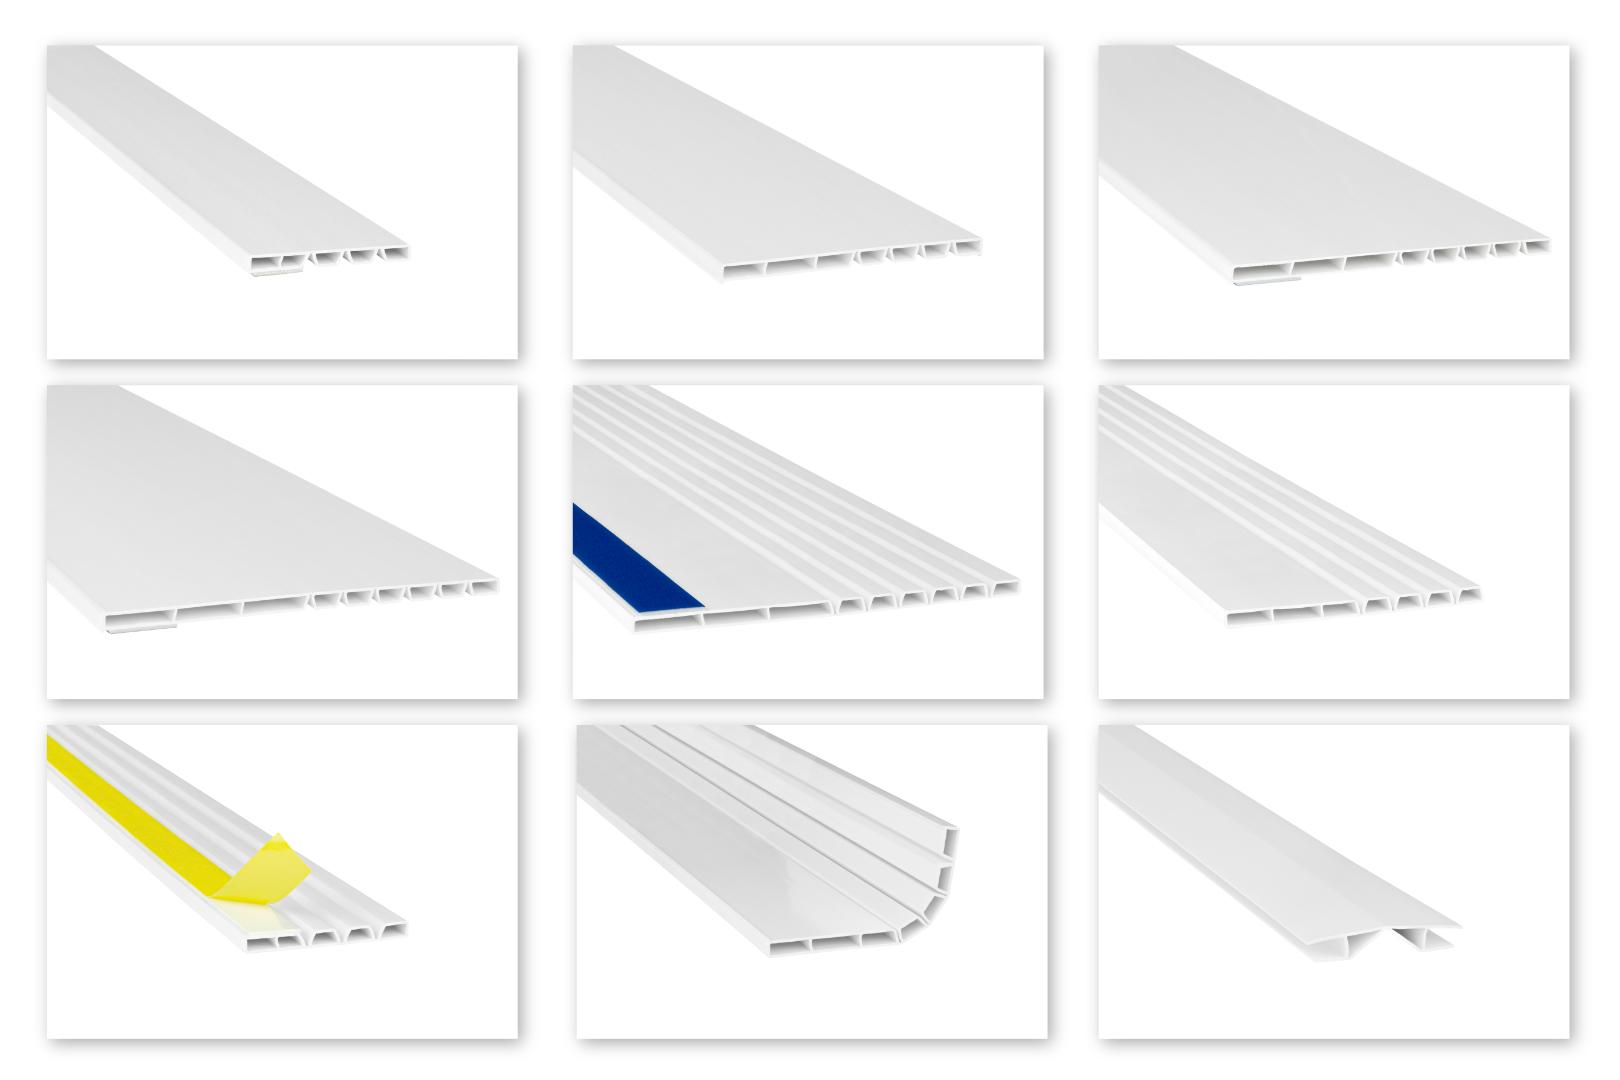 Hohlkammerleisten flexibel PVC weiß 2m - Auswahl Deckleisten & Verbindungen - HJ